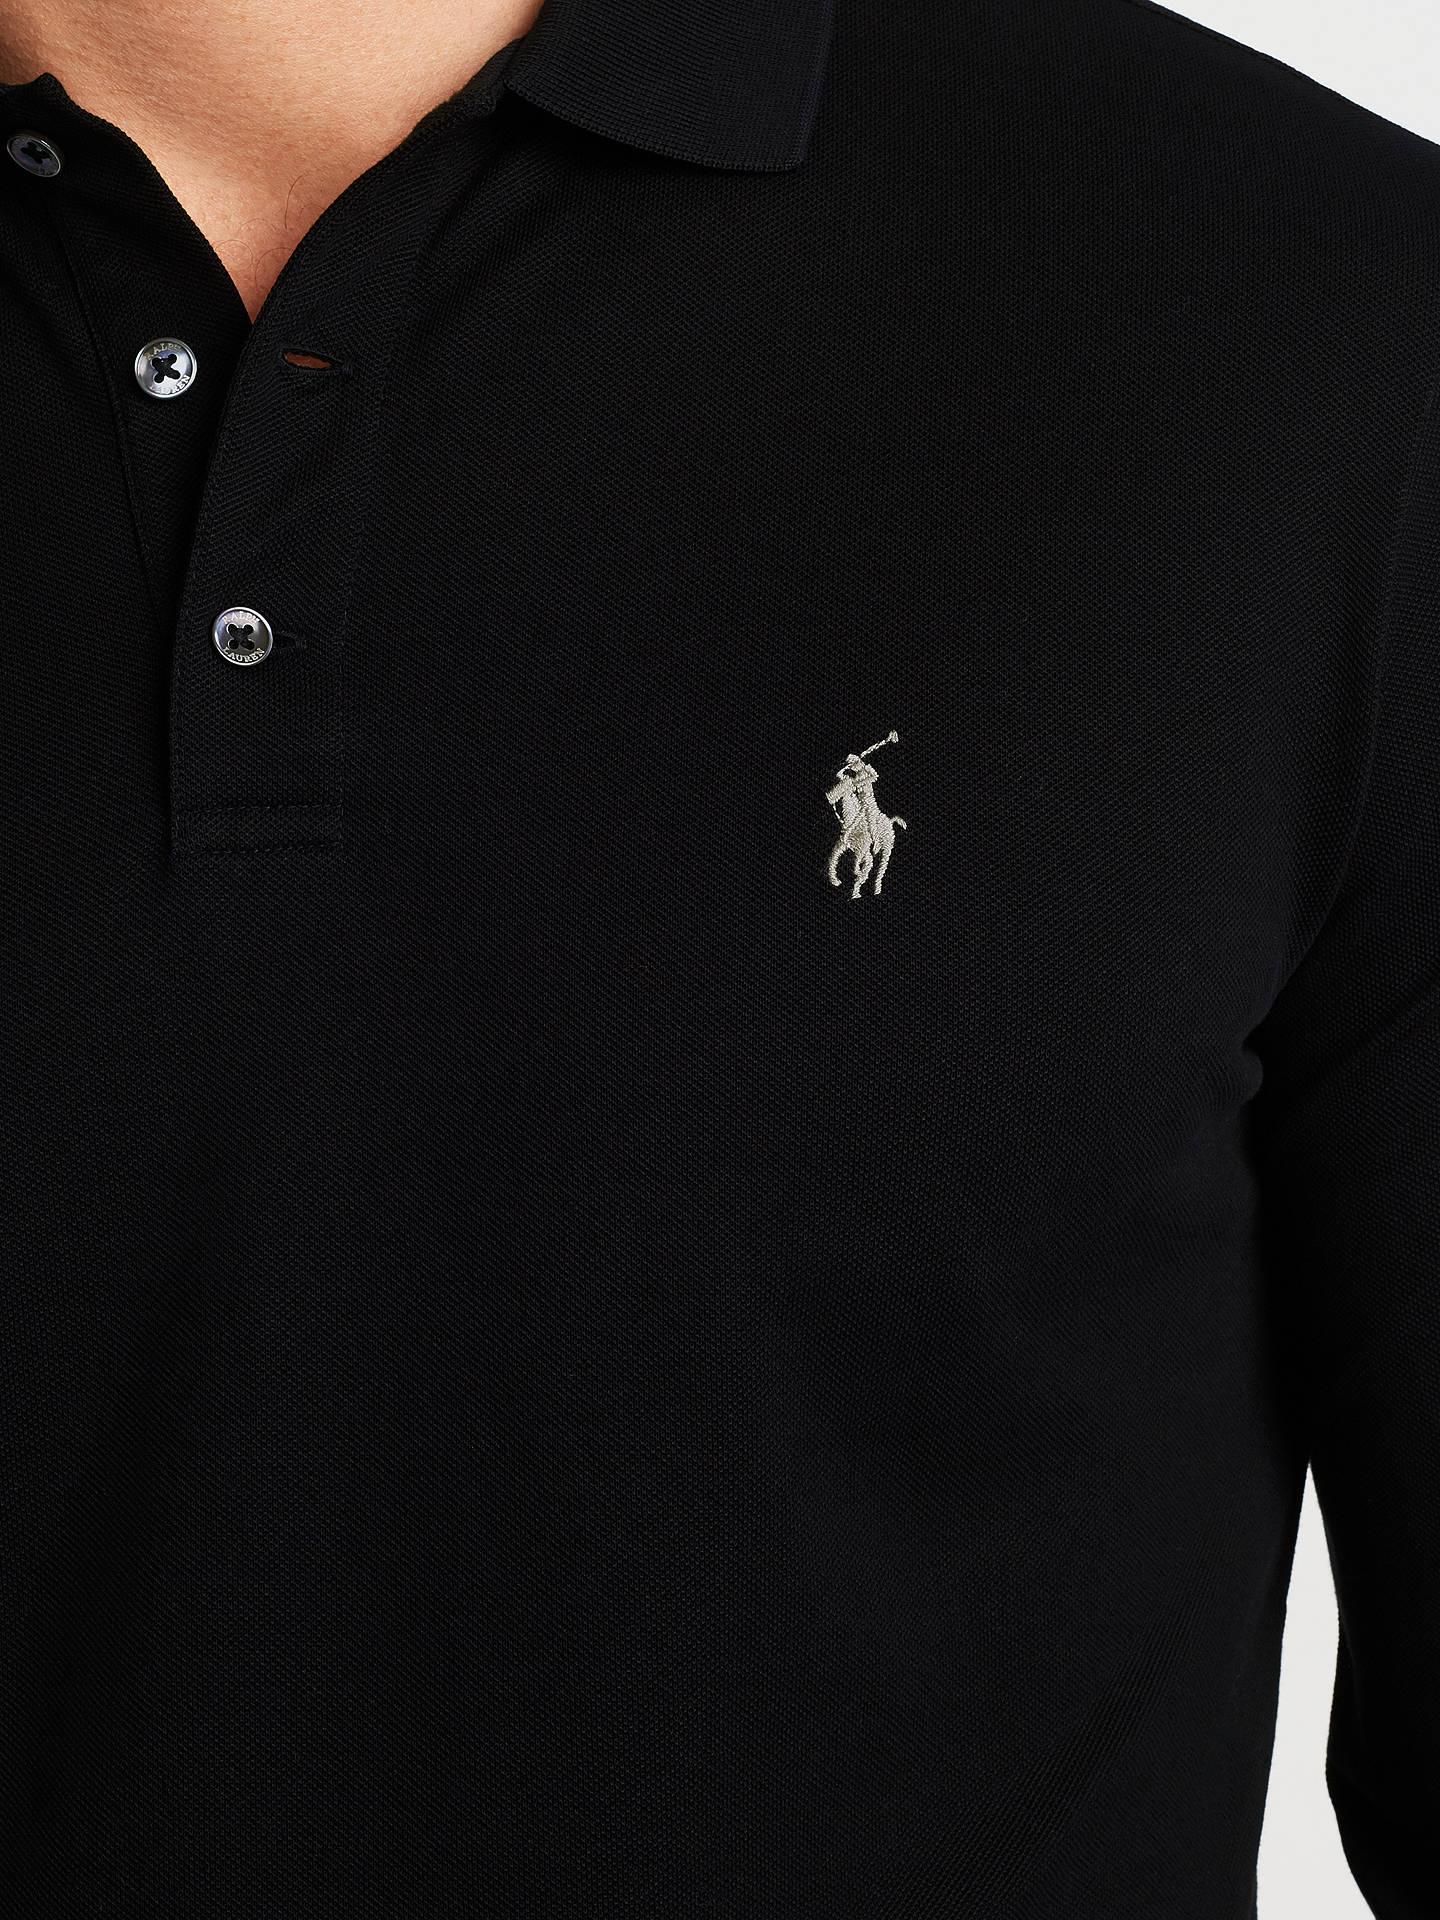 sedersi completo da uomo scintilla  Polo Ralph Lauren Long Sleeve Polo Top at John Lewis & Partners